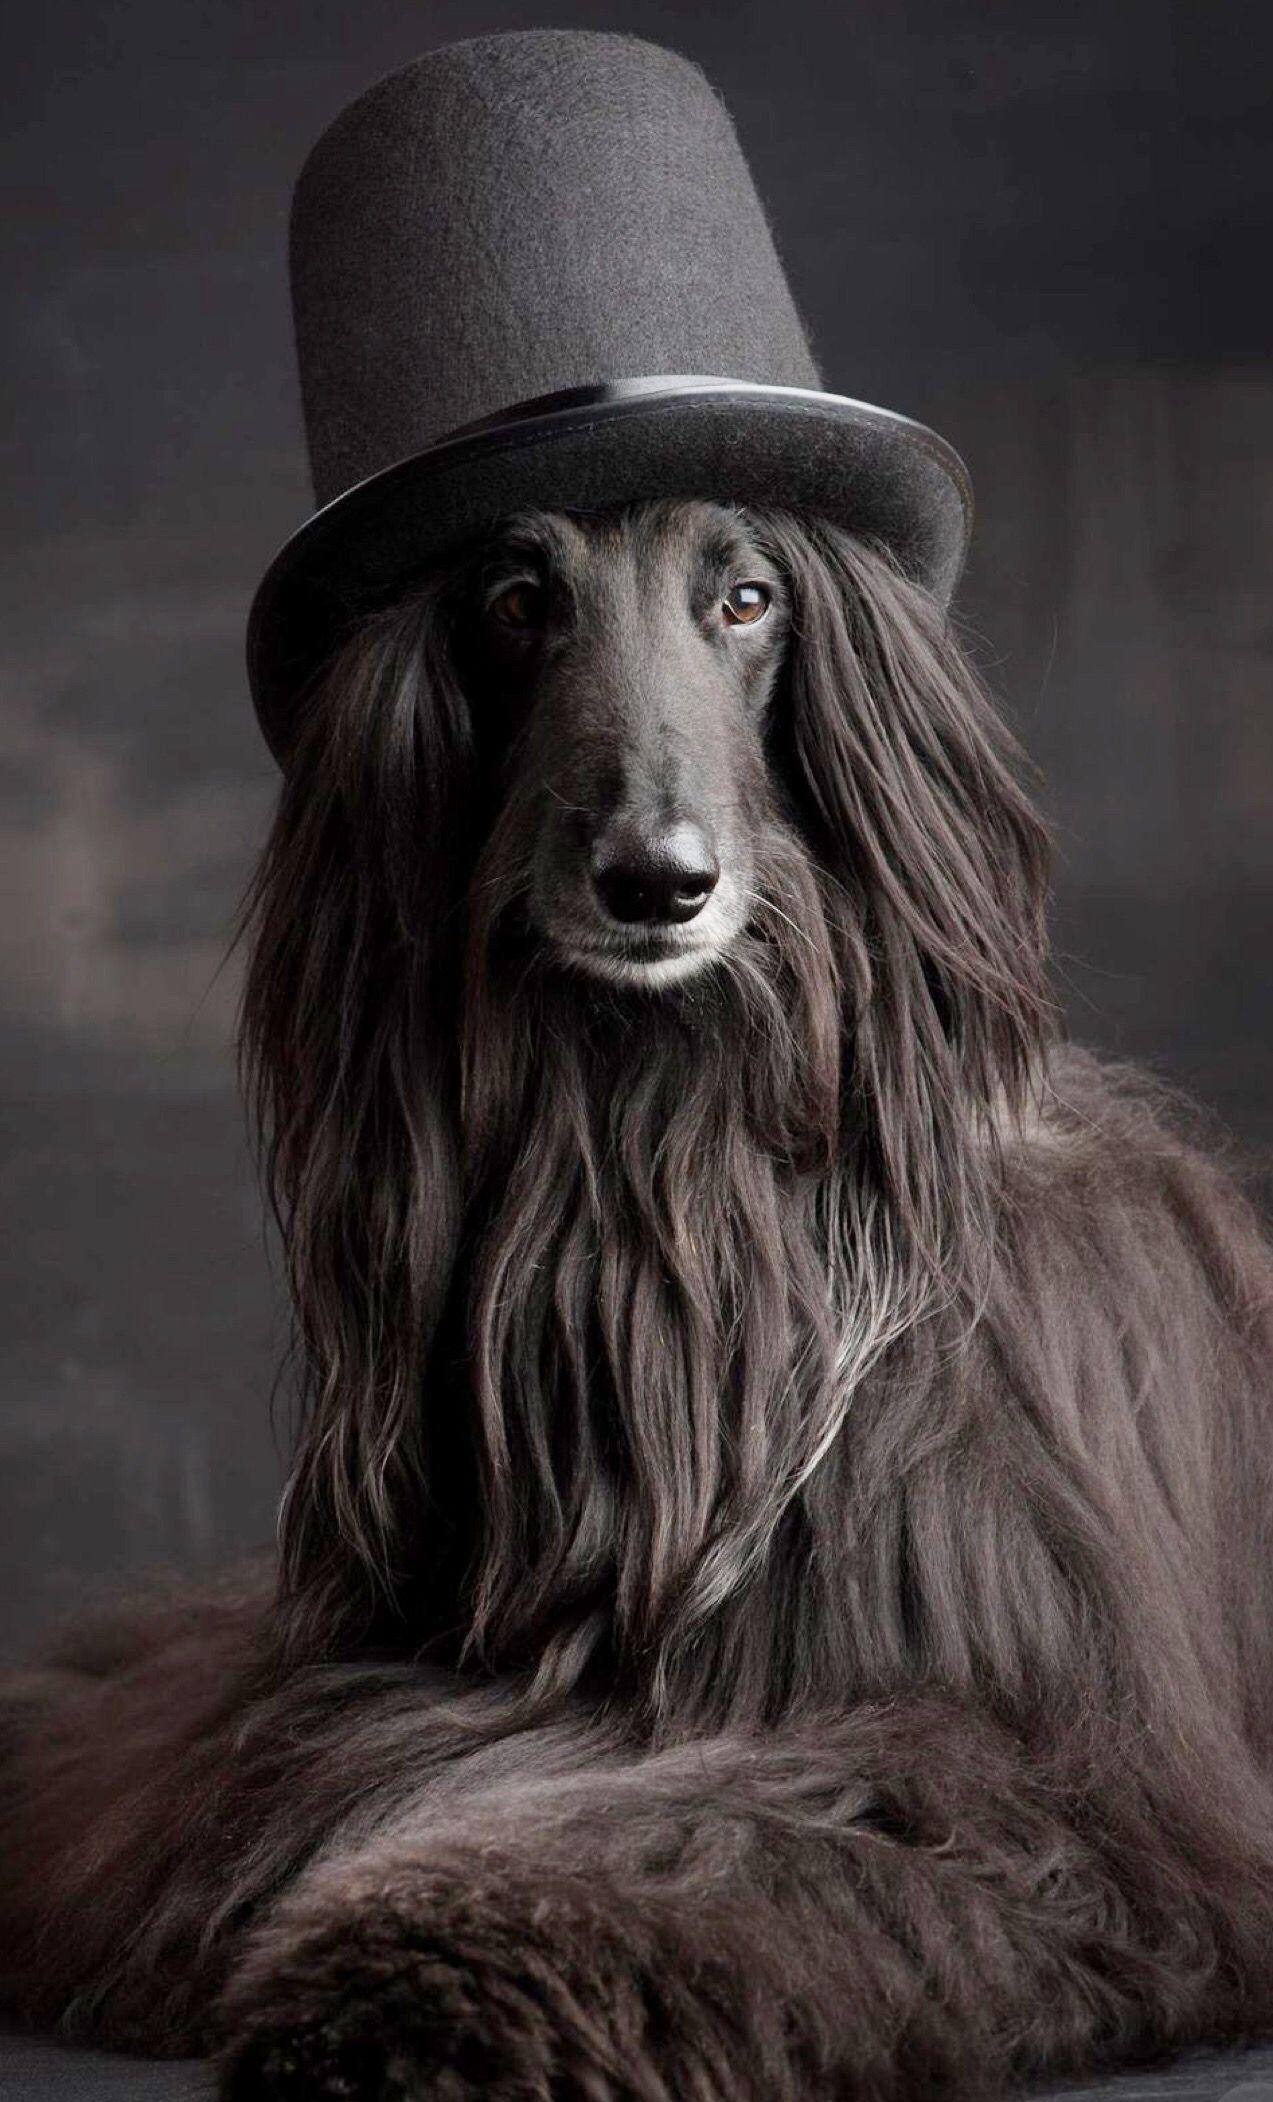 アフガンハウンド」のアイデア 11 件 | アフガンハウンド, 美しい犬, いぬ